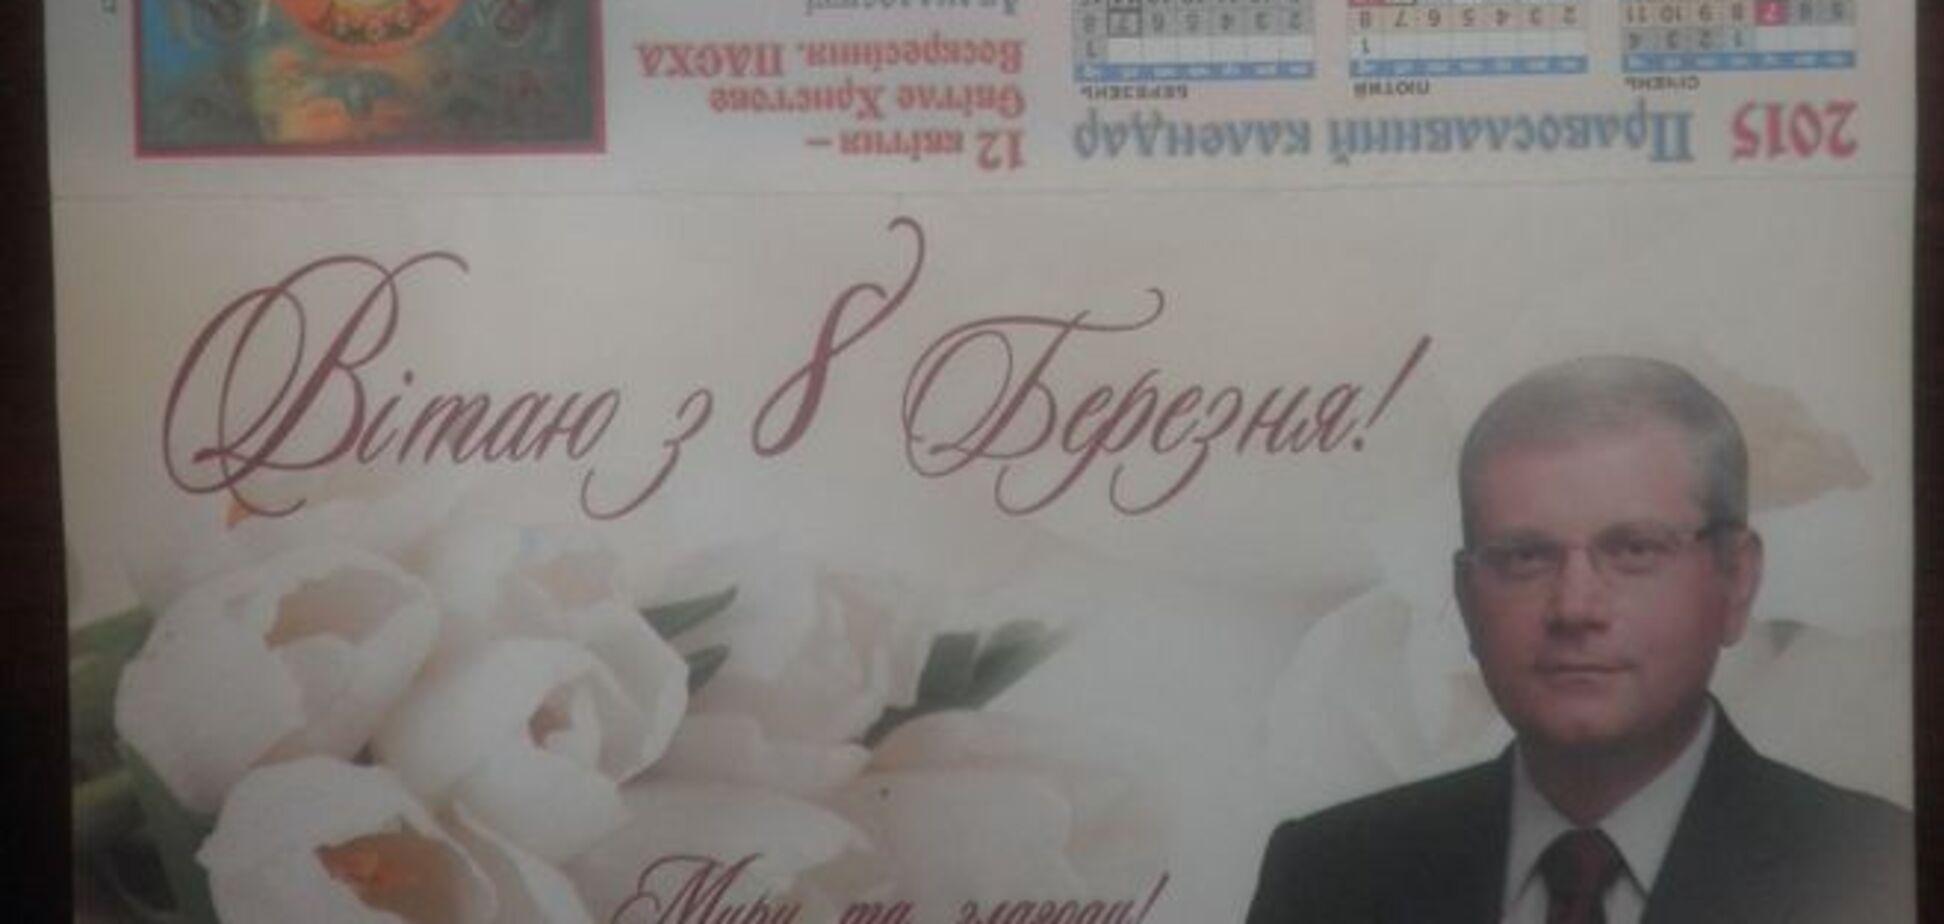 Предвосьмимартовское, или Как Оппозионный блок поздравляет с праздником… мертвых…